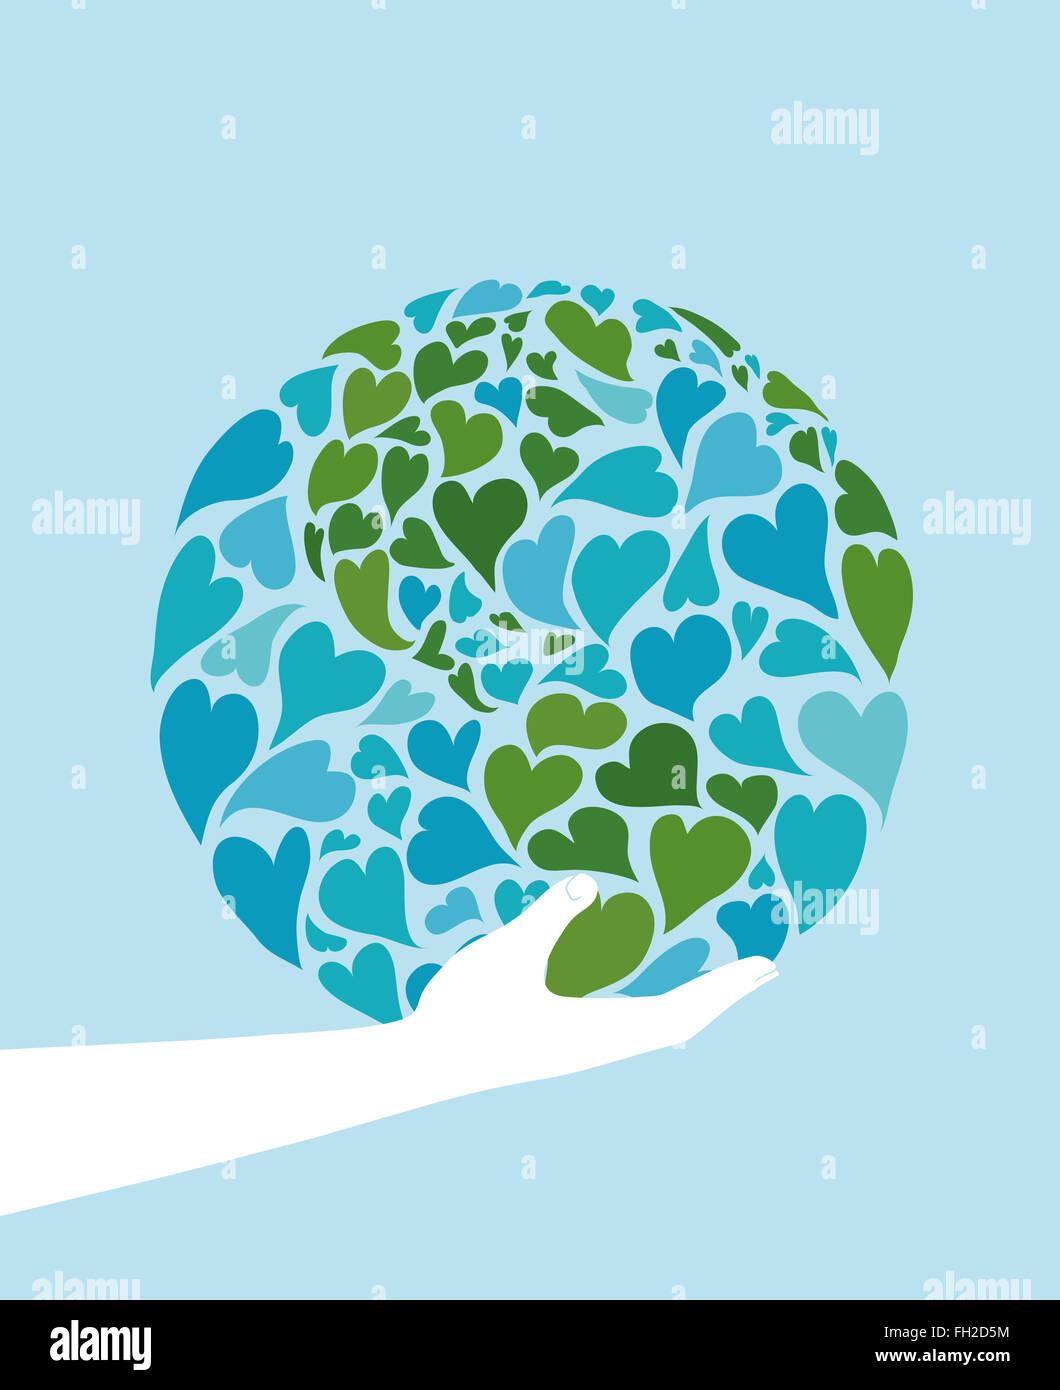 Mano sosteniendo el planeta tierra hecha de corazones. símbolo de la paz. Los Estados Unidos en el centro. Imagen De Stock